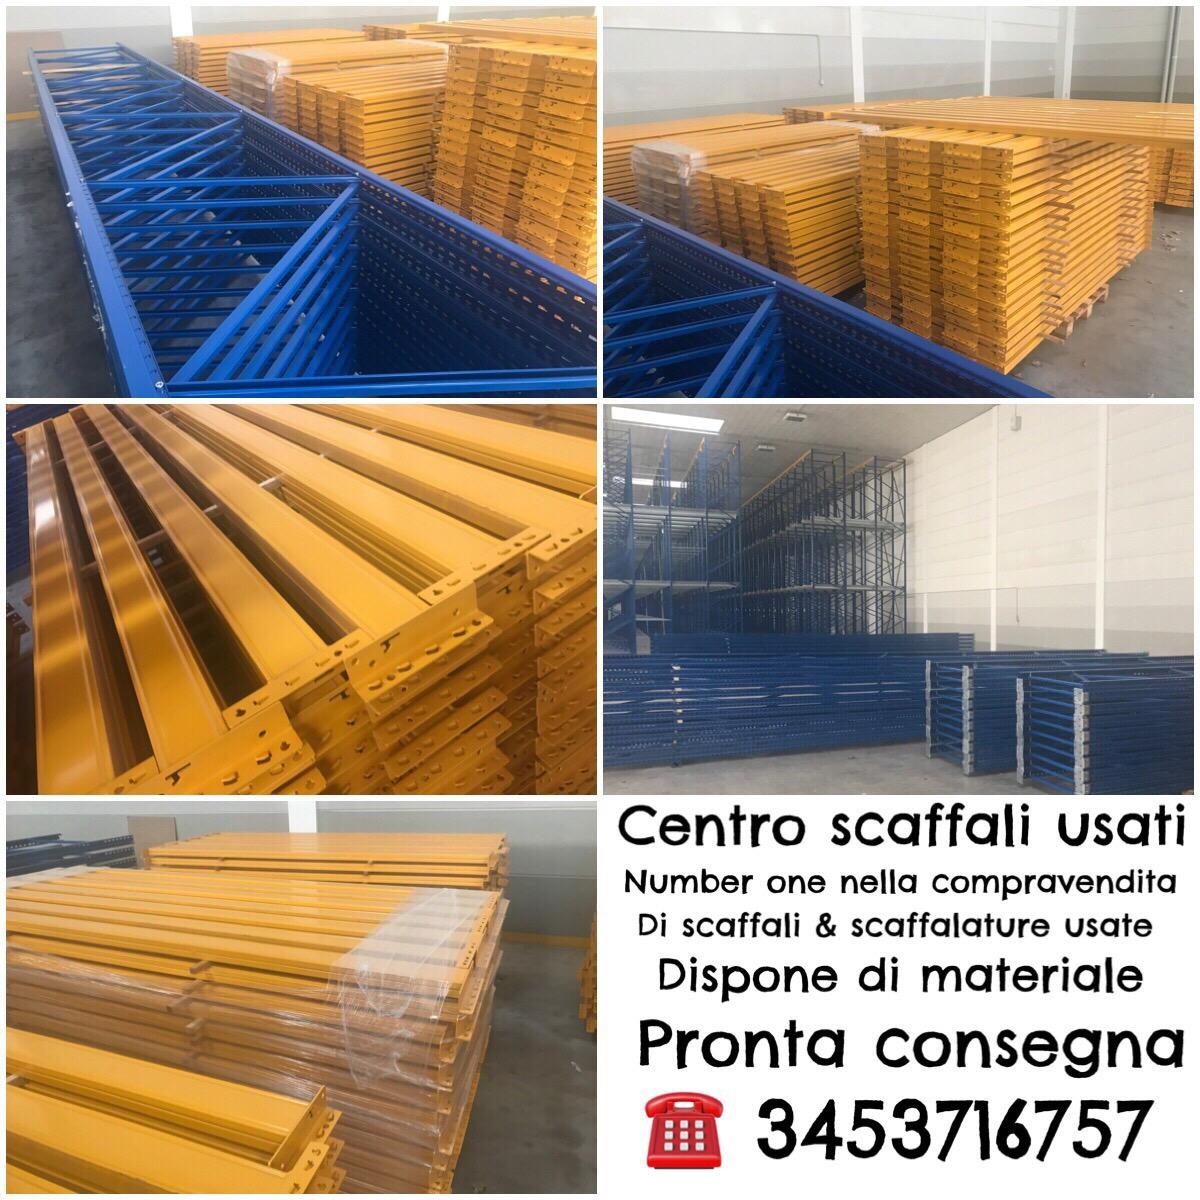 Scaffalature Usate Milano.Ritiriamo Scaffali Usati In Provincia Di Milano Bergamo